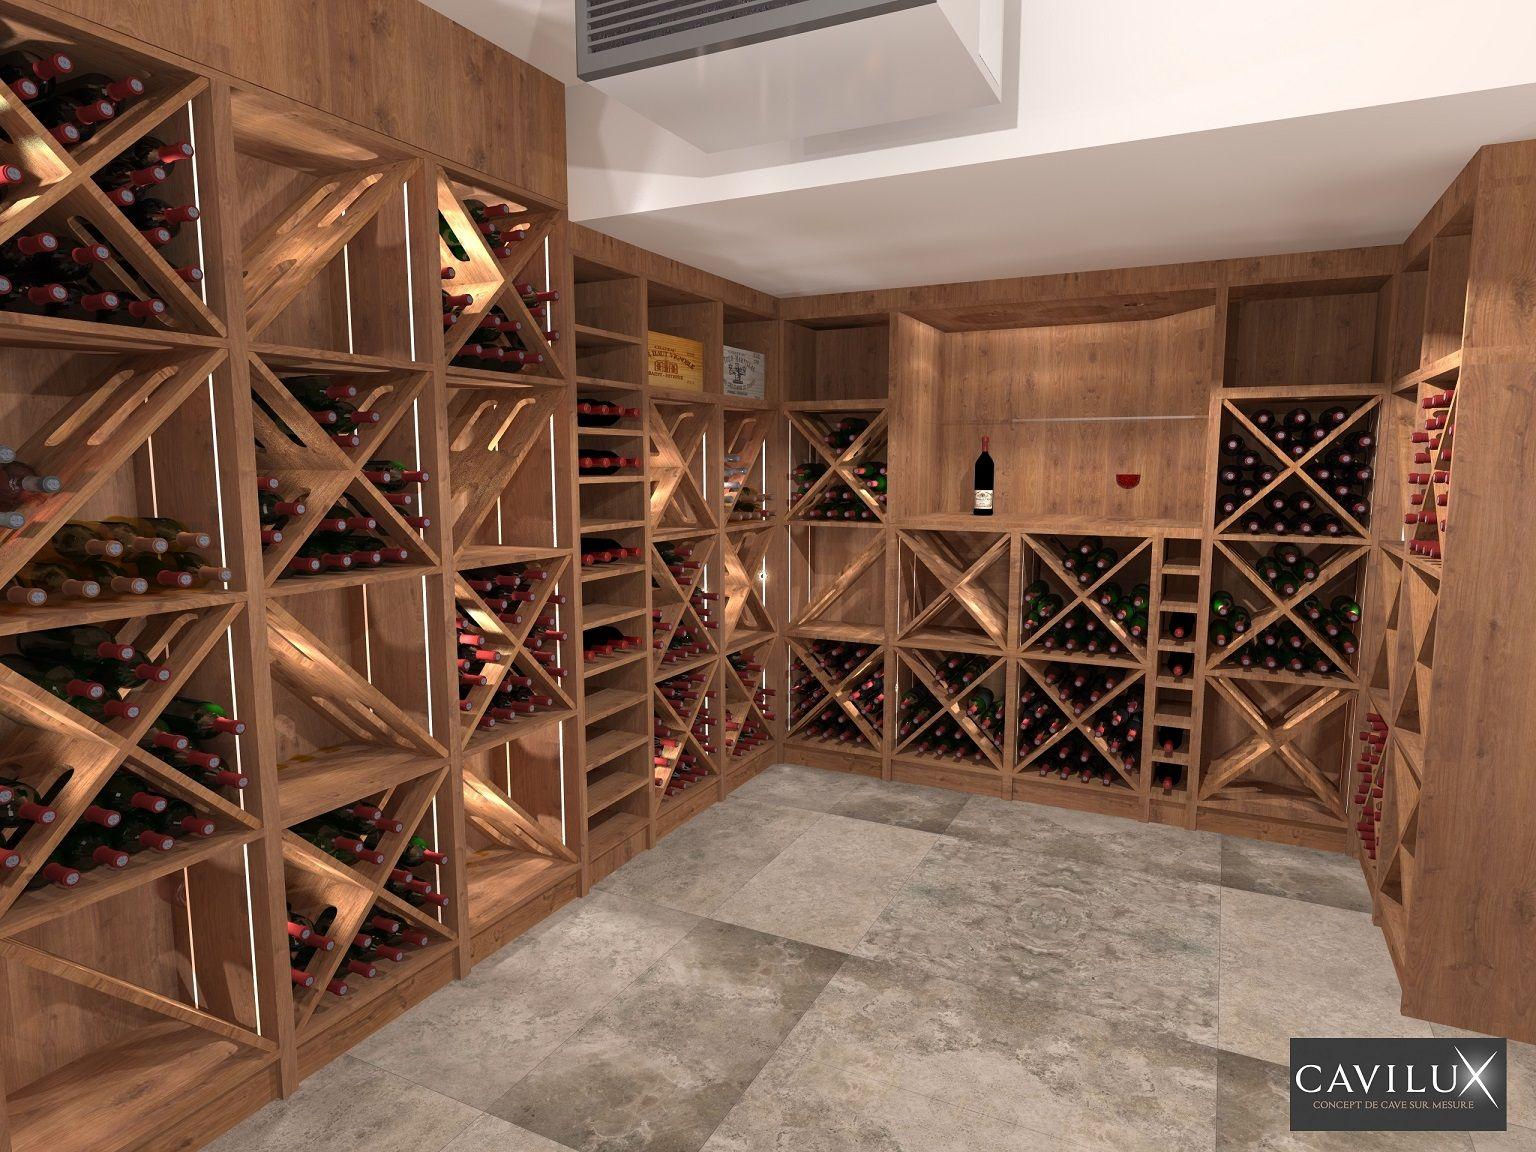 construire cave a vin maison destin une cave vin avec bar intgr maison